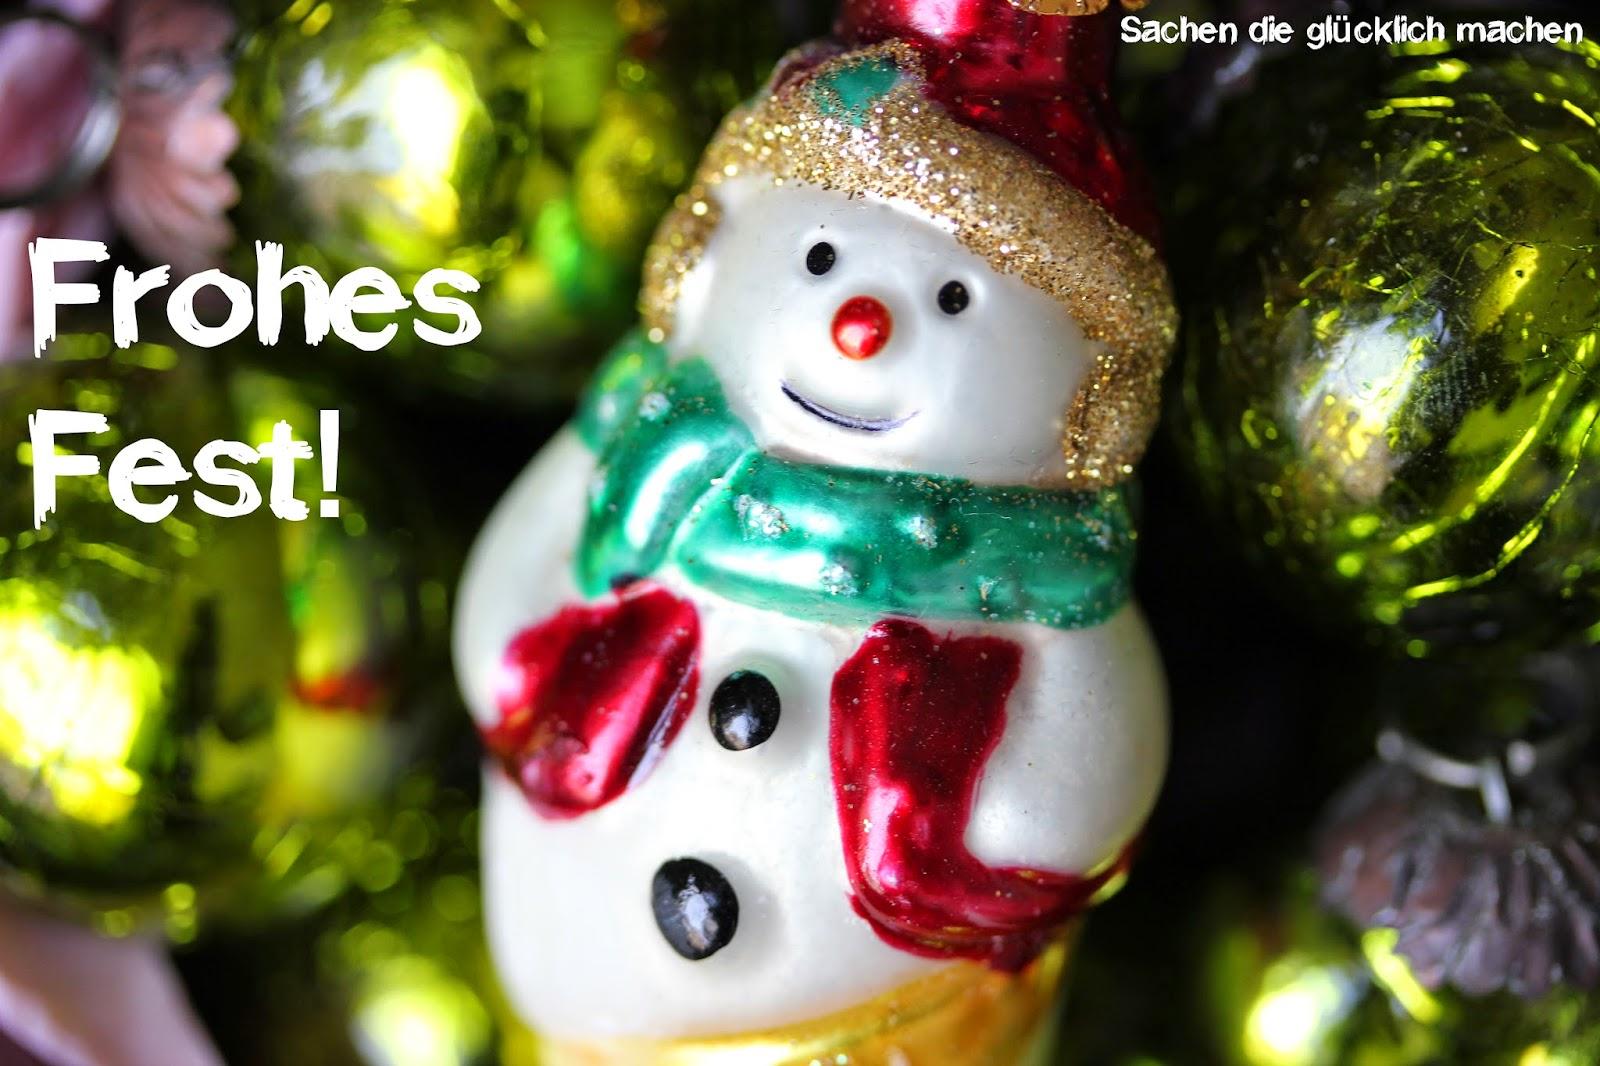 Frohe Weihnachten Wünsche Ich Dir Und Deiner Familie.Sachen Die Glücklich Machen Frohe Weihnachten